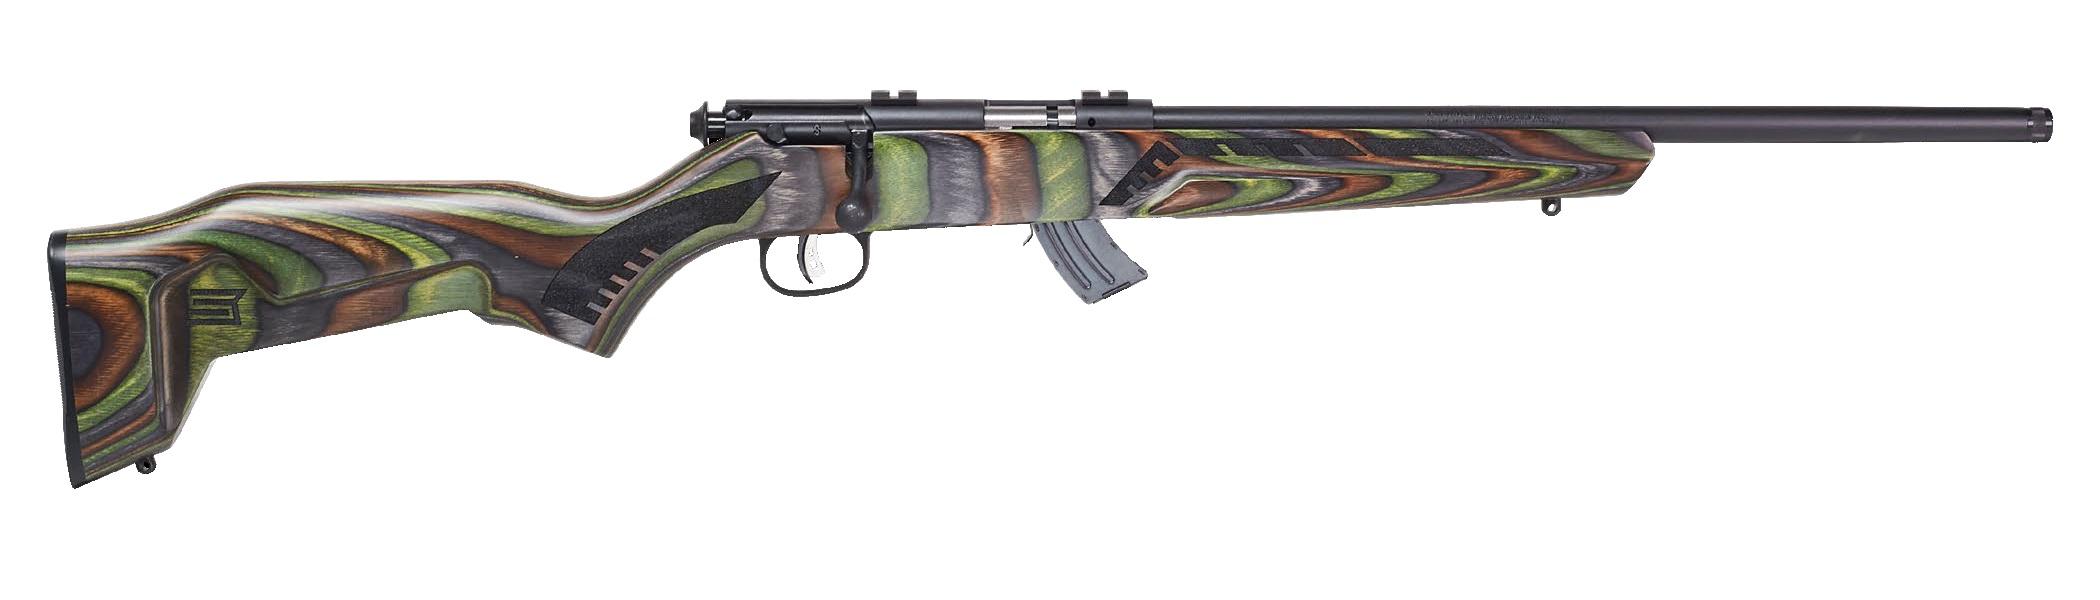 Savage Arms Mark II Minimalist 22 LR